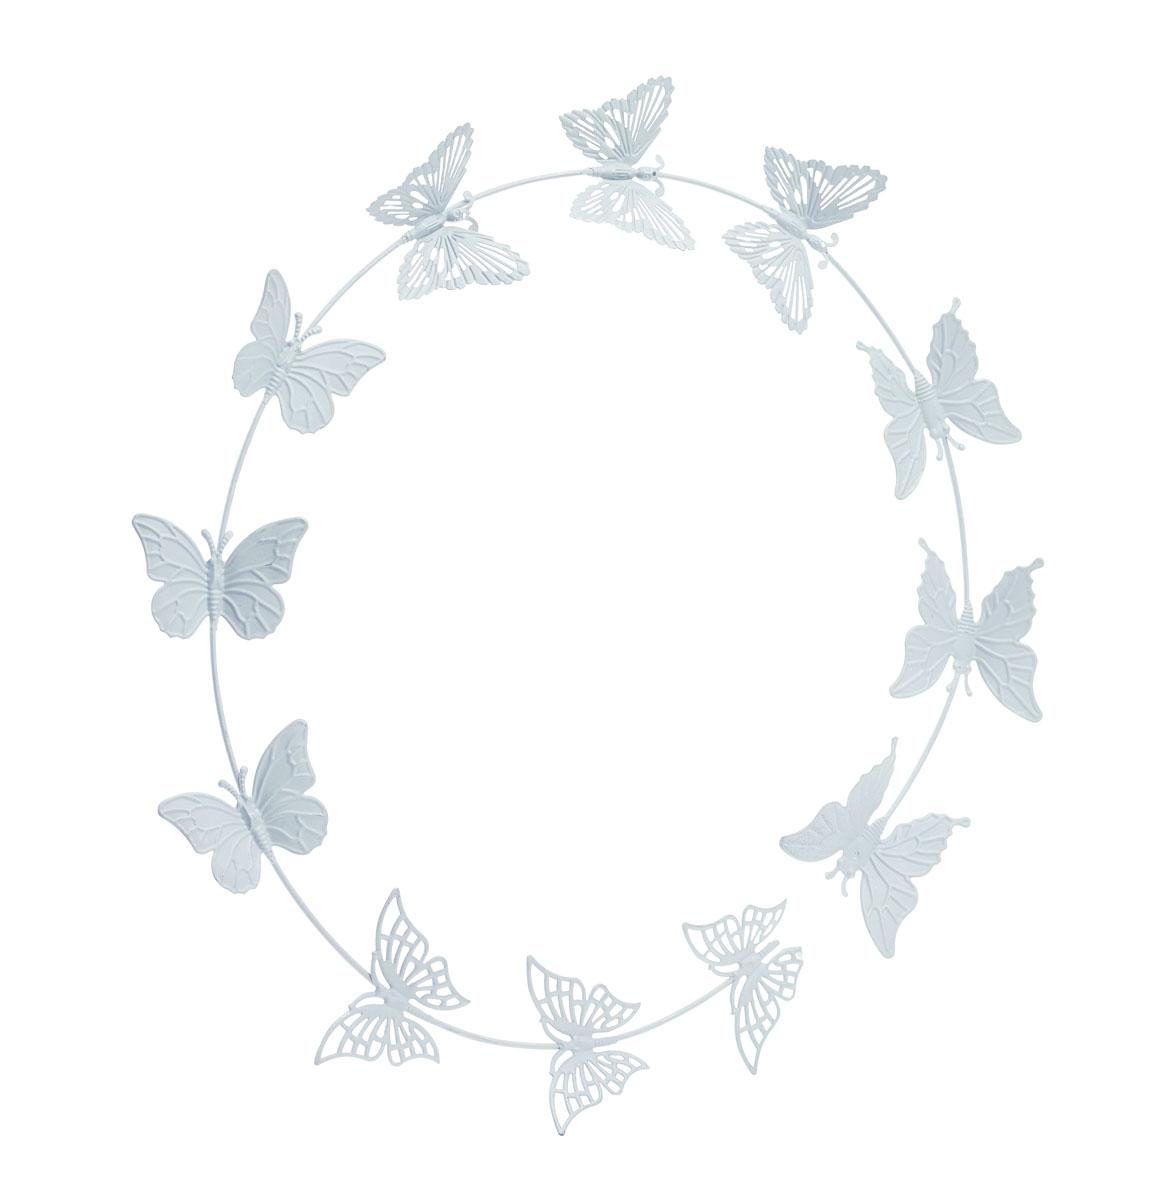 Украшение декоративное Gardman Butterflies, настенное, цвет: серый17521Декоративное настенное украшение Gardman Butterflies изготовлено из металла. Оно отлично подойдет для дома и придаст неповторимый дизайн вашему интерьеру.